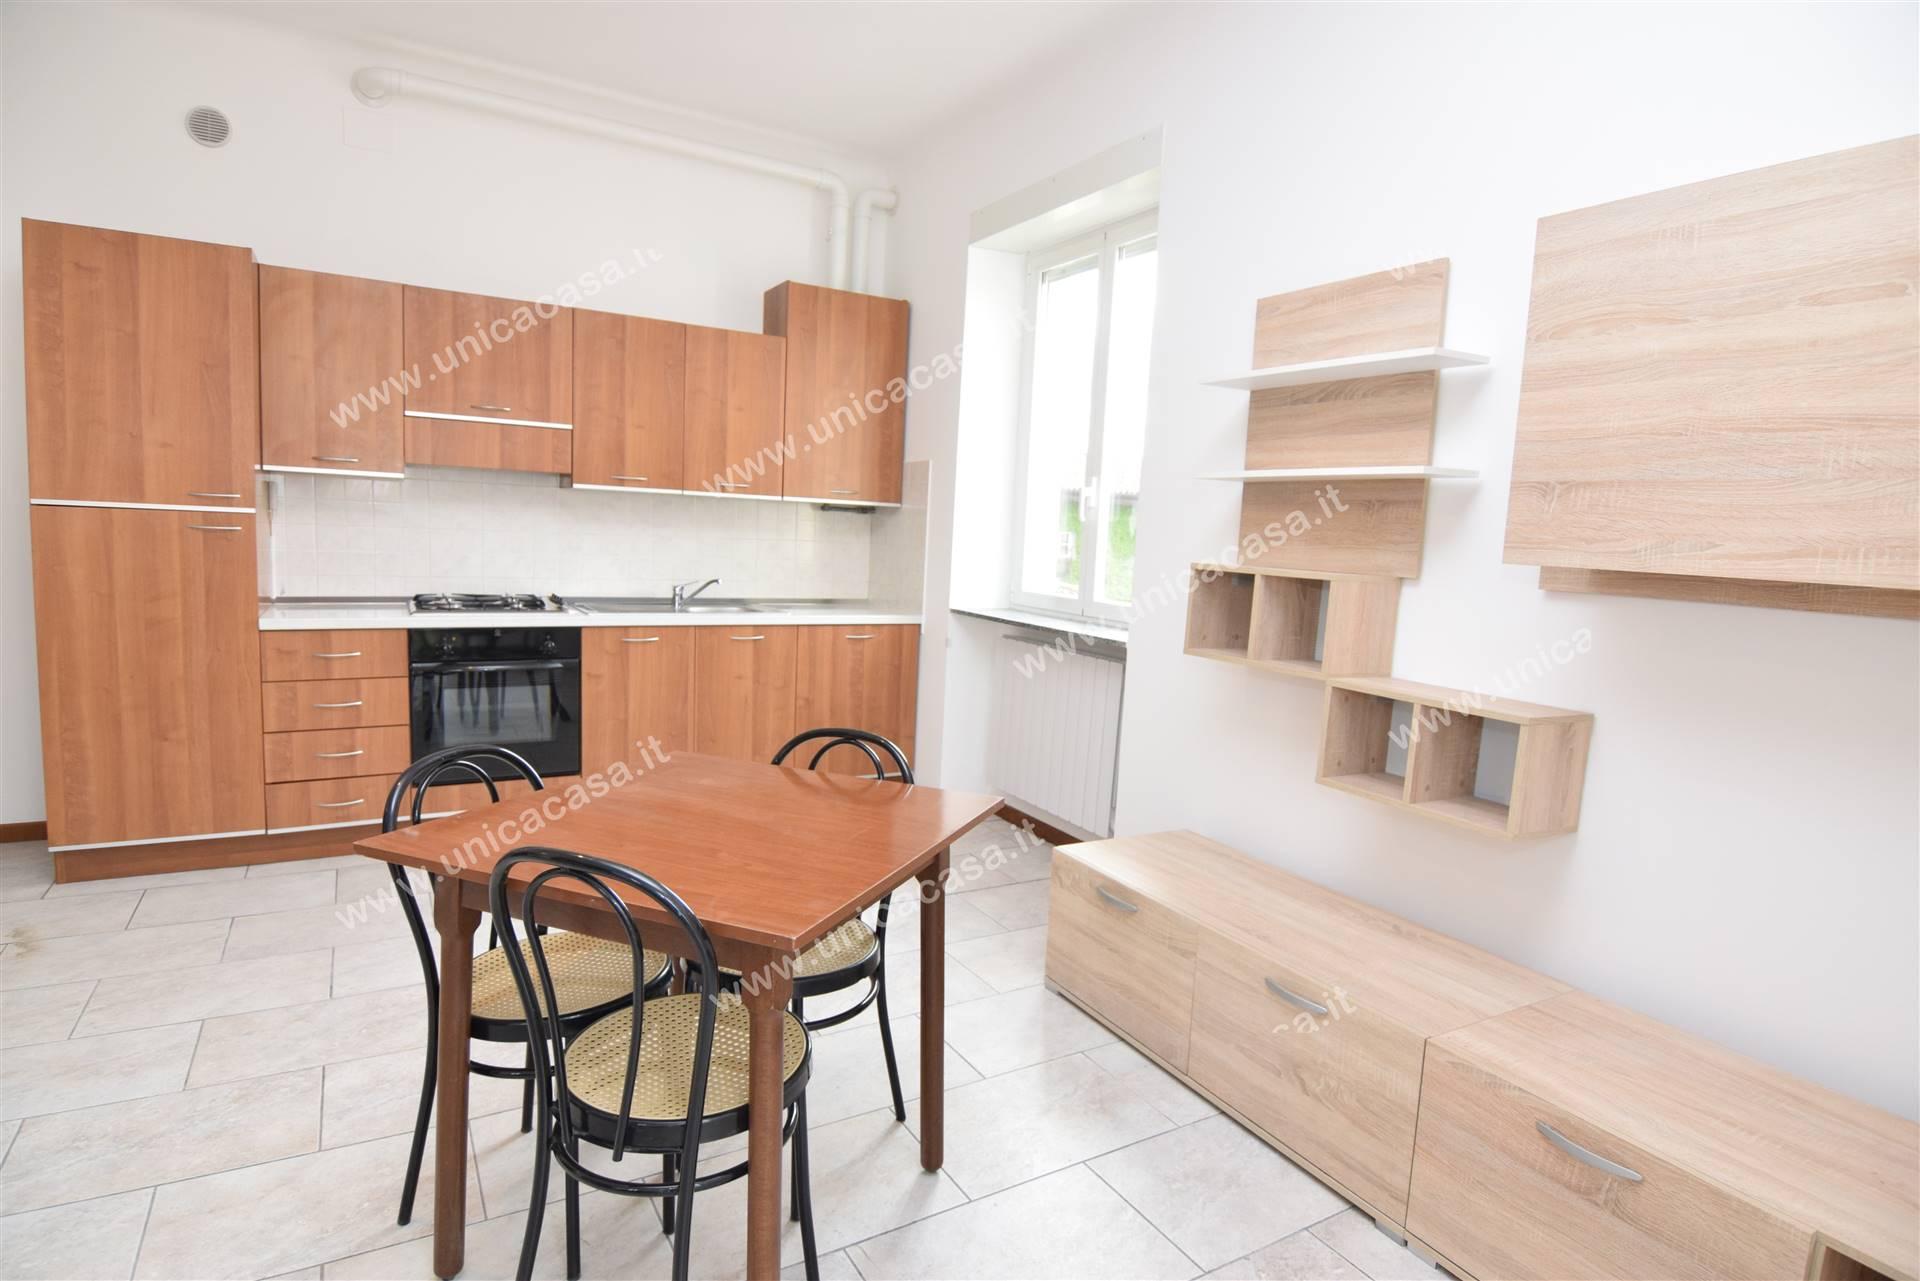 Appartamento in affitto a Zanica, 2 locali, prezzo € 570 | CambioCasa.it